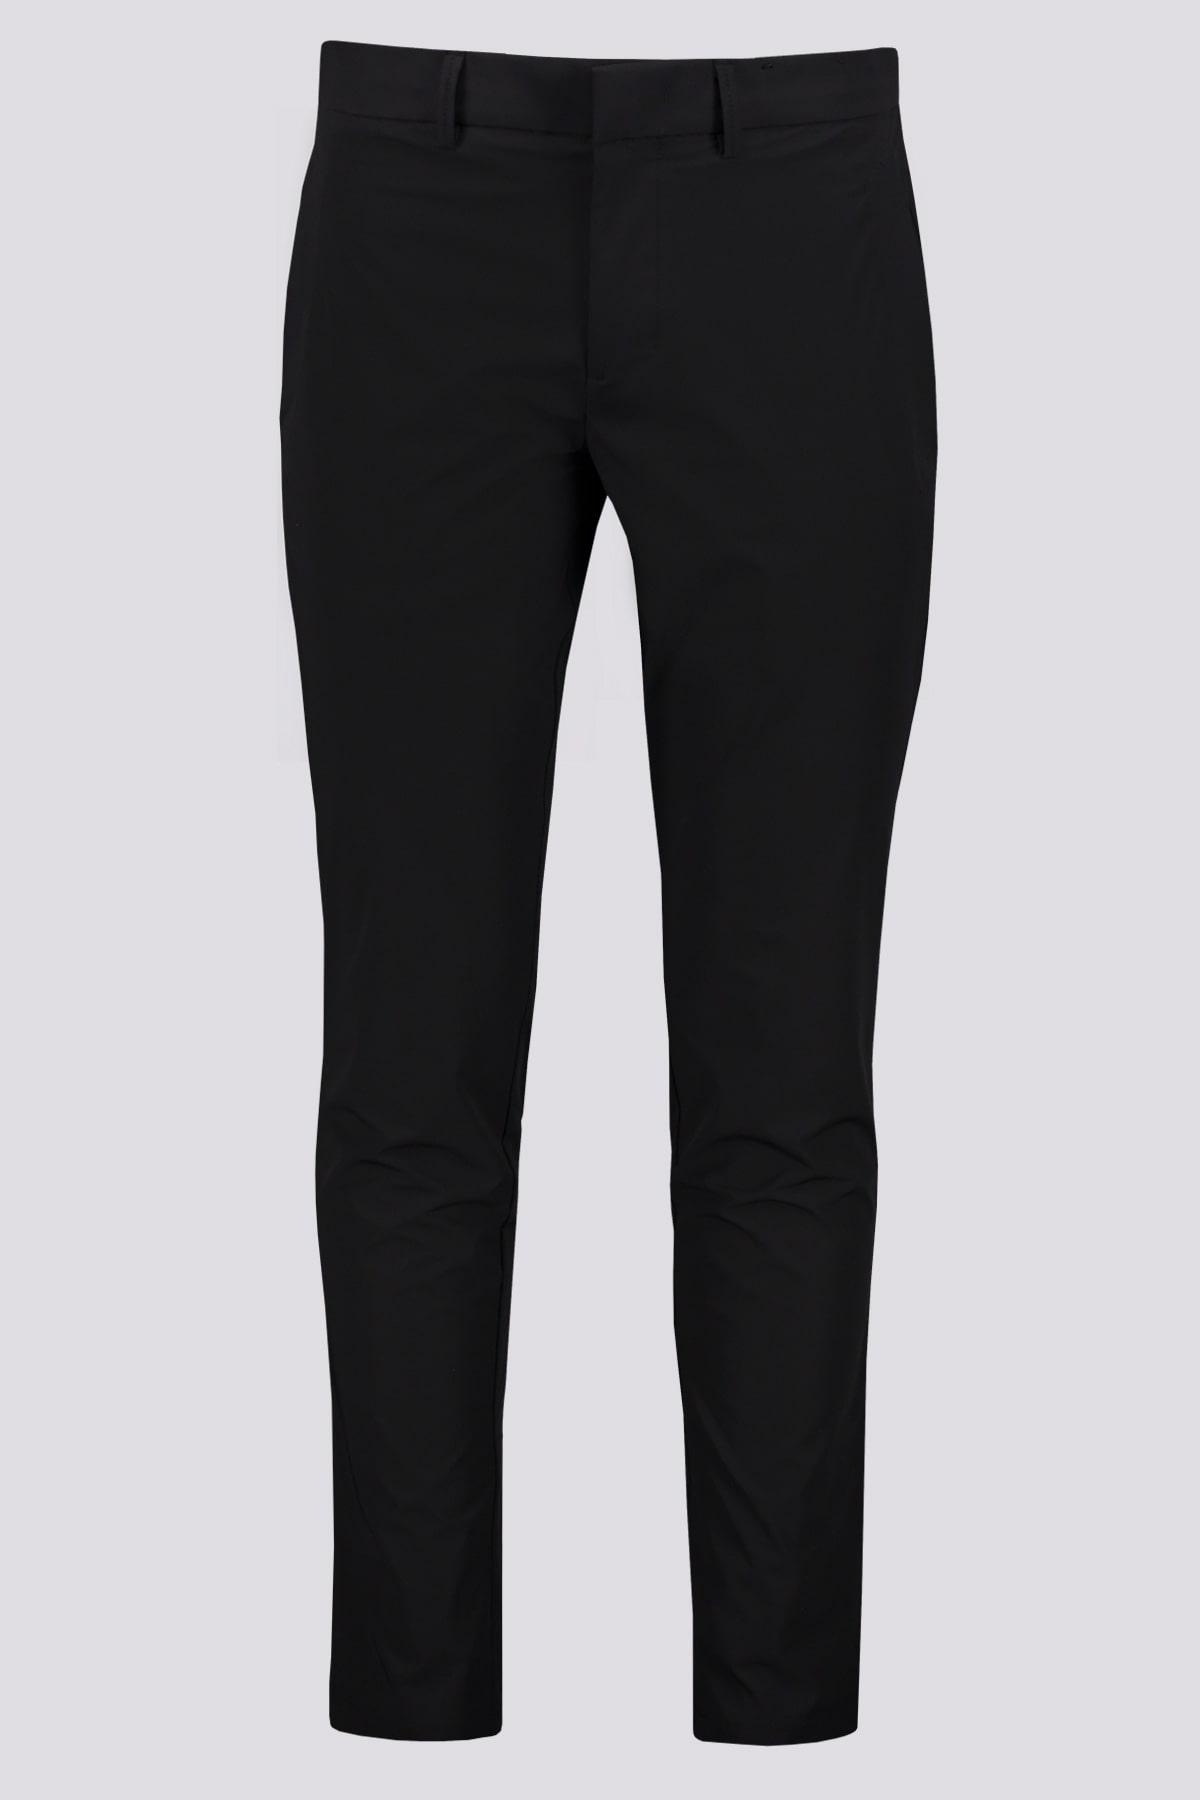 Pantalón slim fit marca BOSS  en tejido elástico técnico repelente al agua color negro